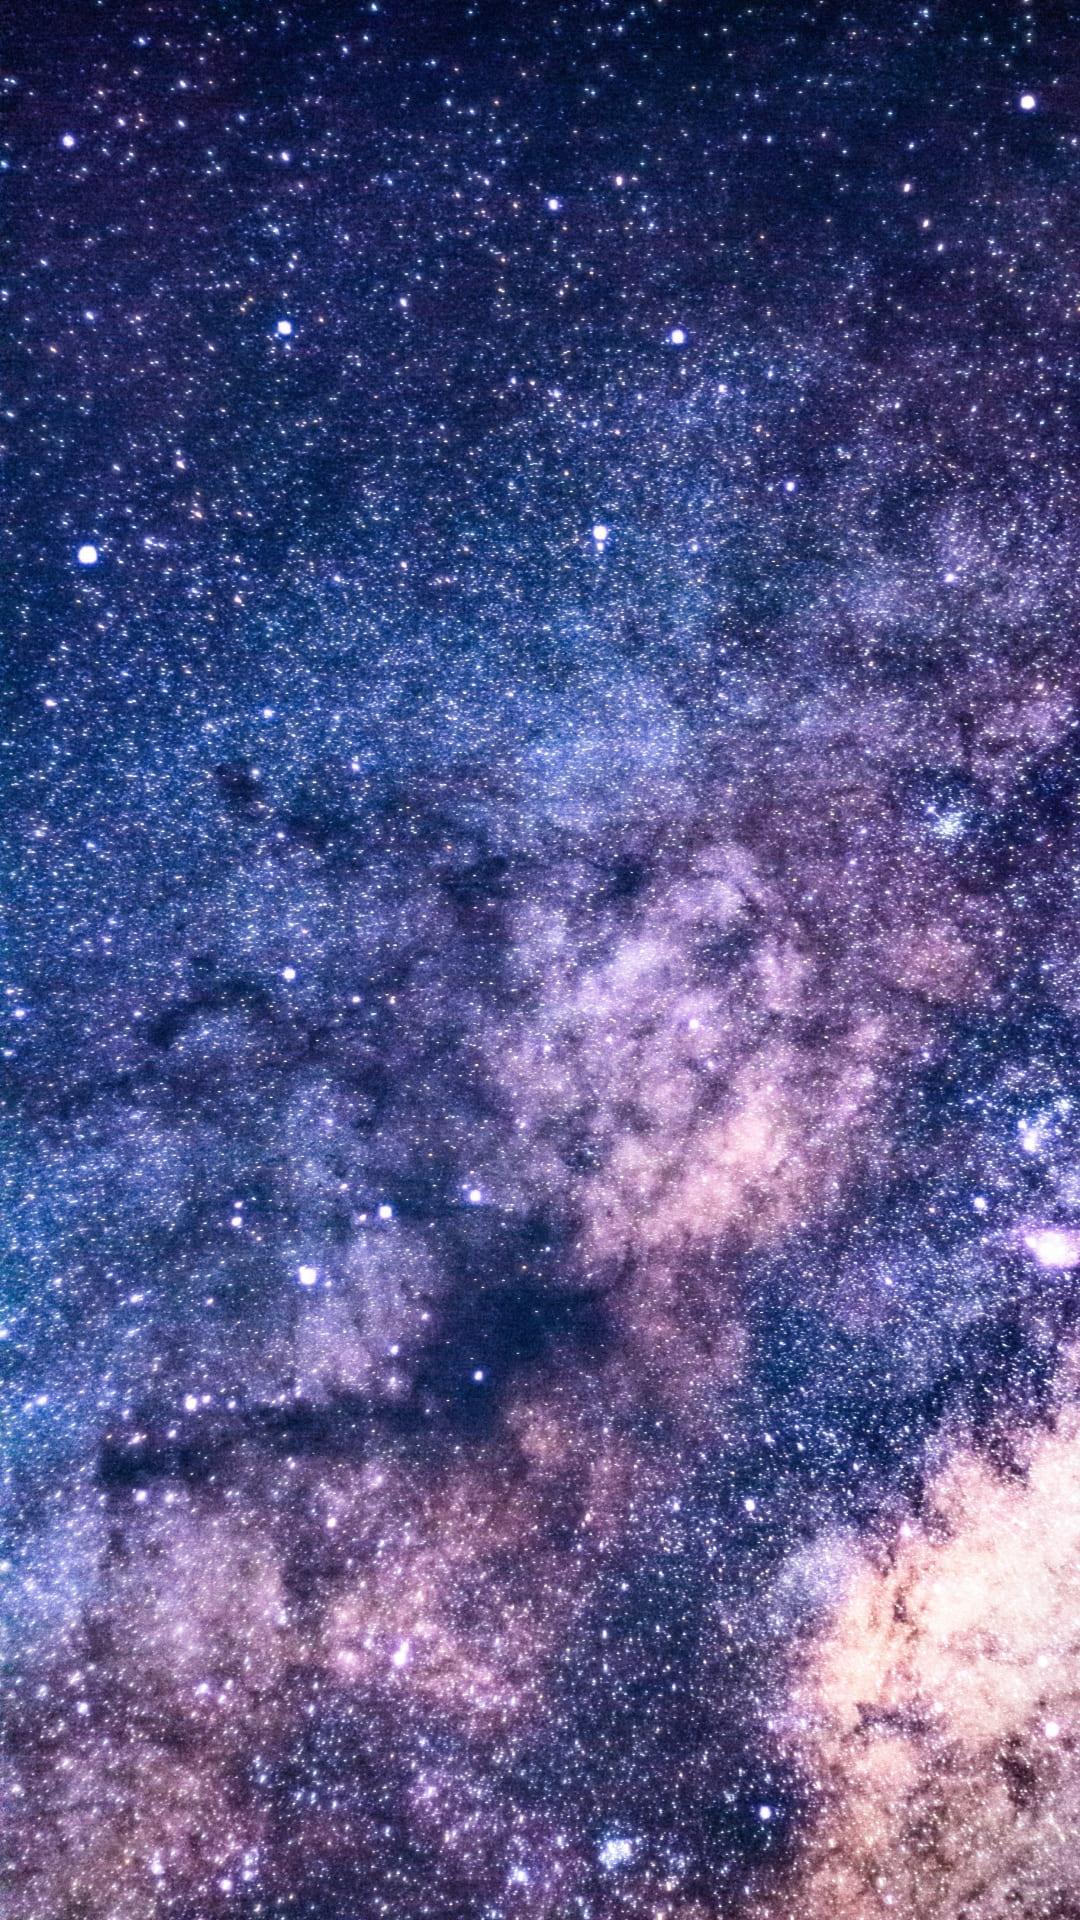 фото космоса на обои телефона